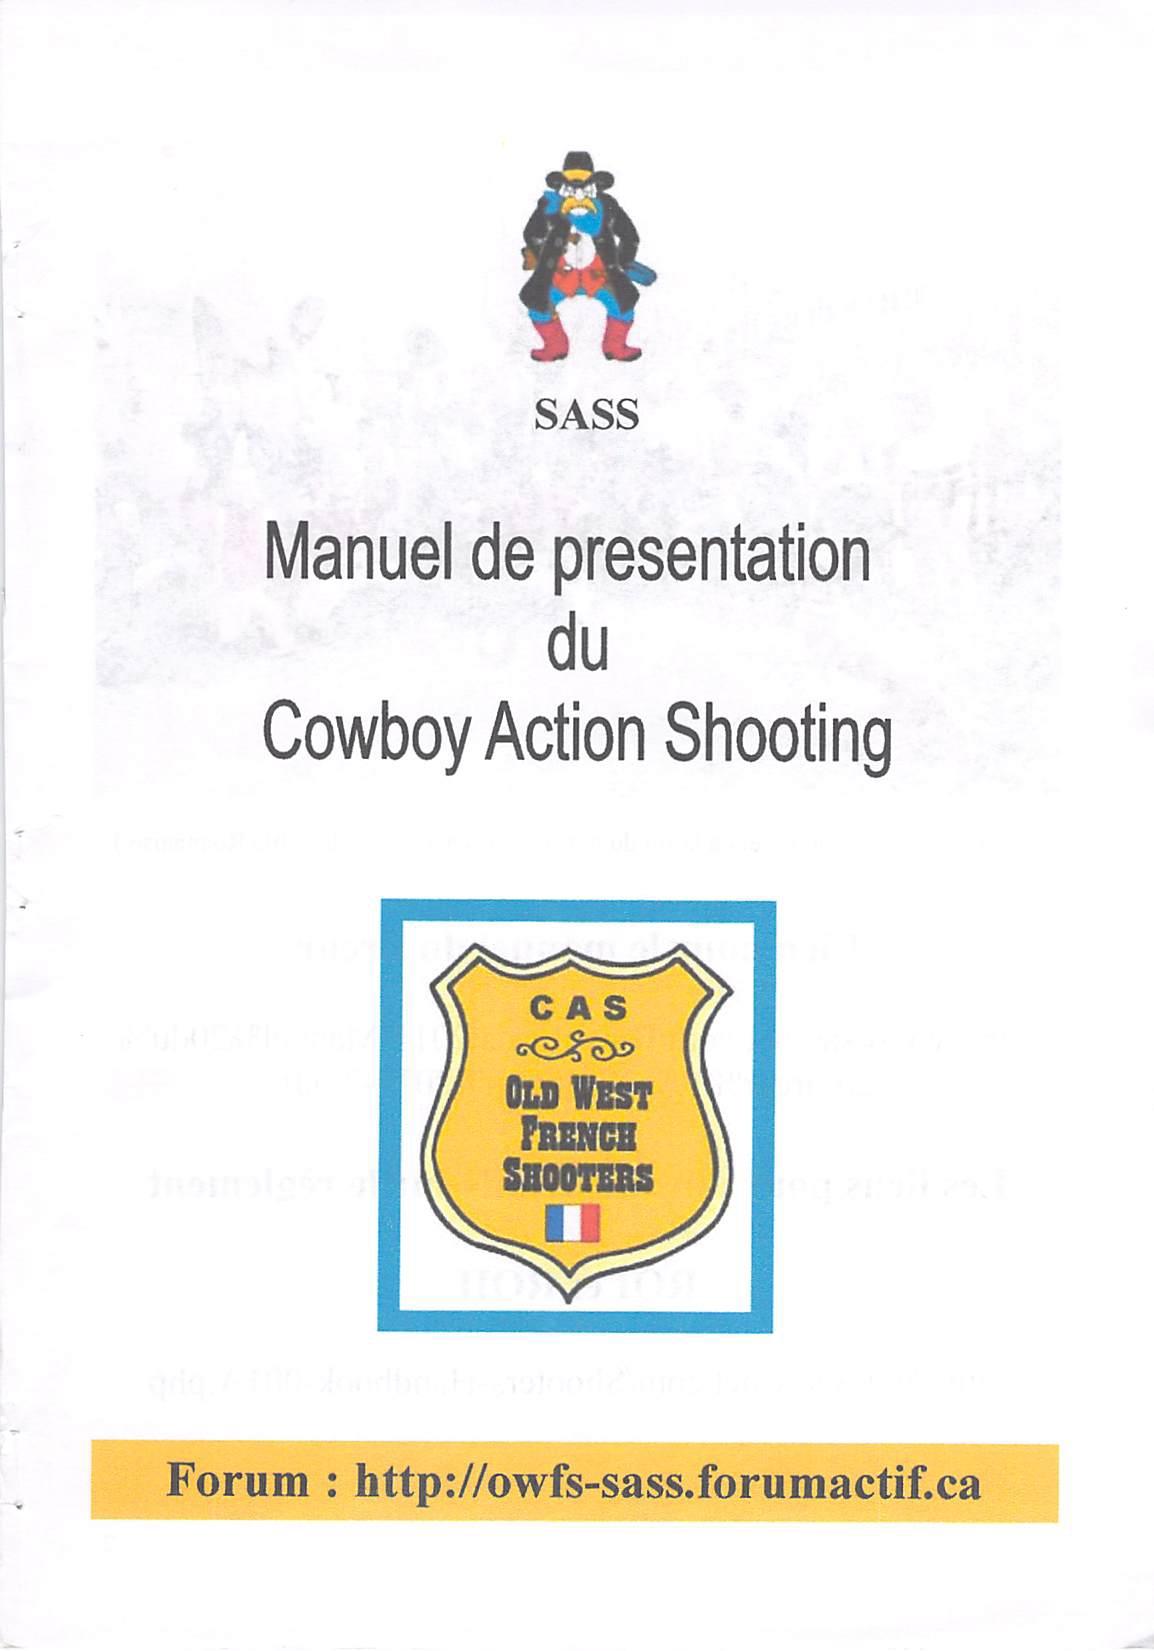 CAS manuel de presentation SASS0001